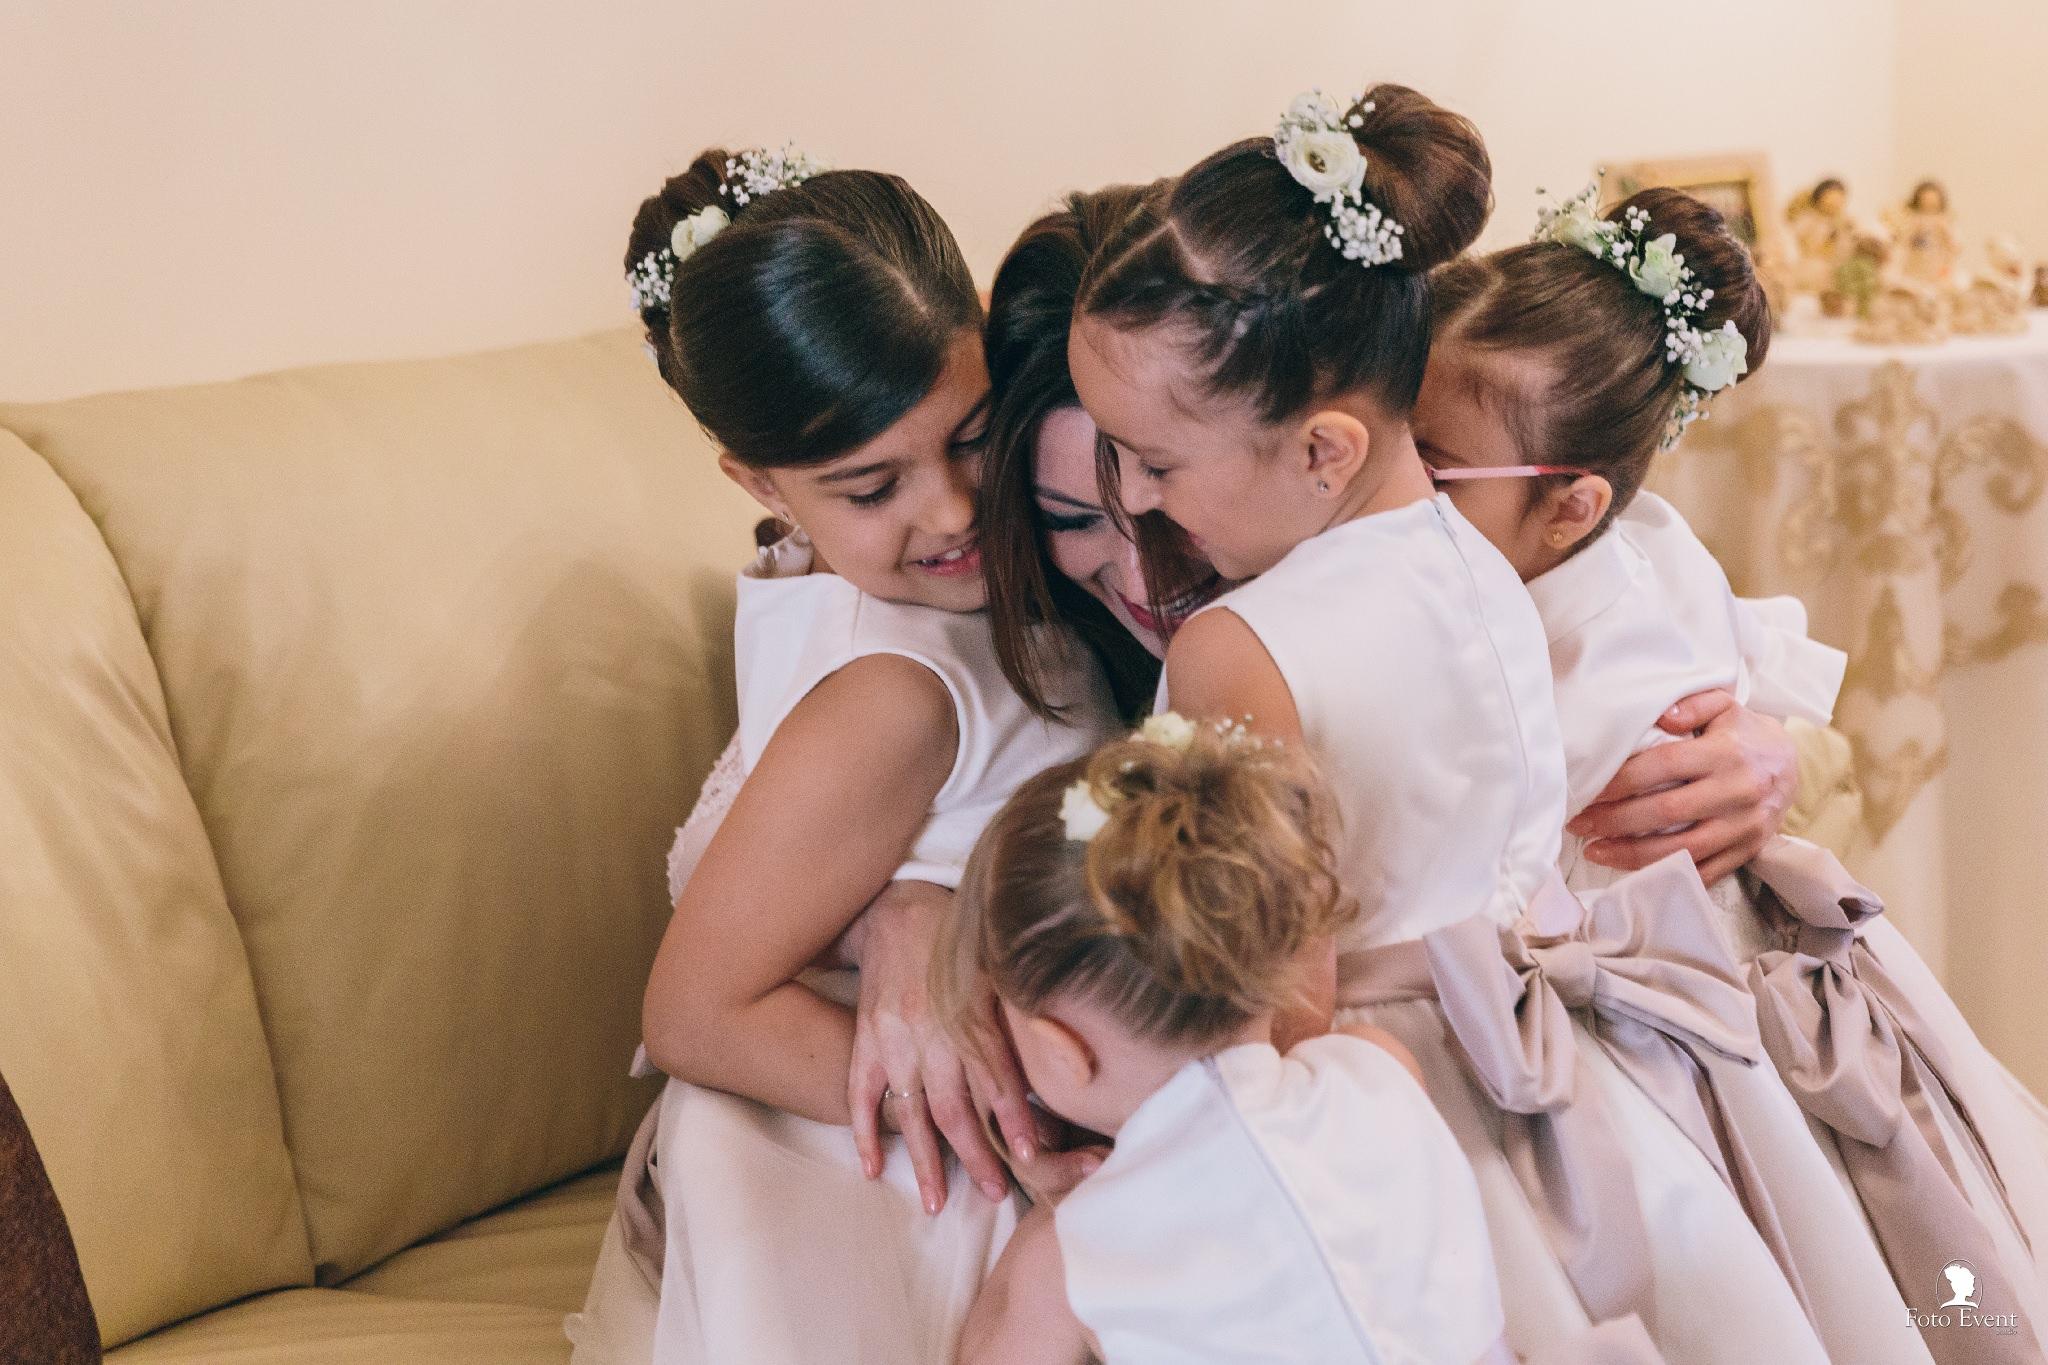 260-2019-05-09-Matrimonio-Maria-Concetta-e-Daniel-Gebbia-5DE-627